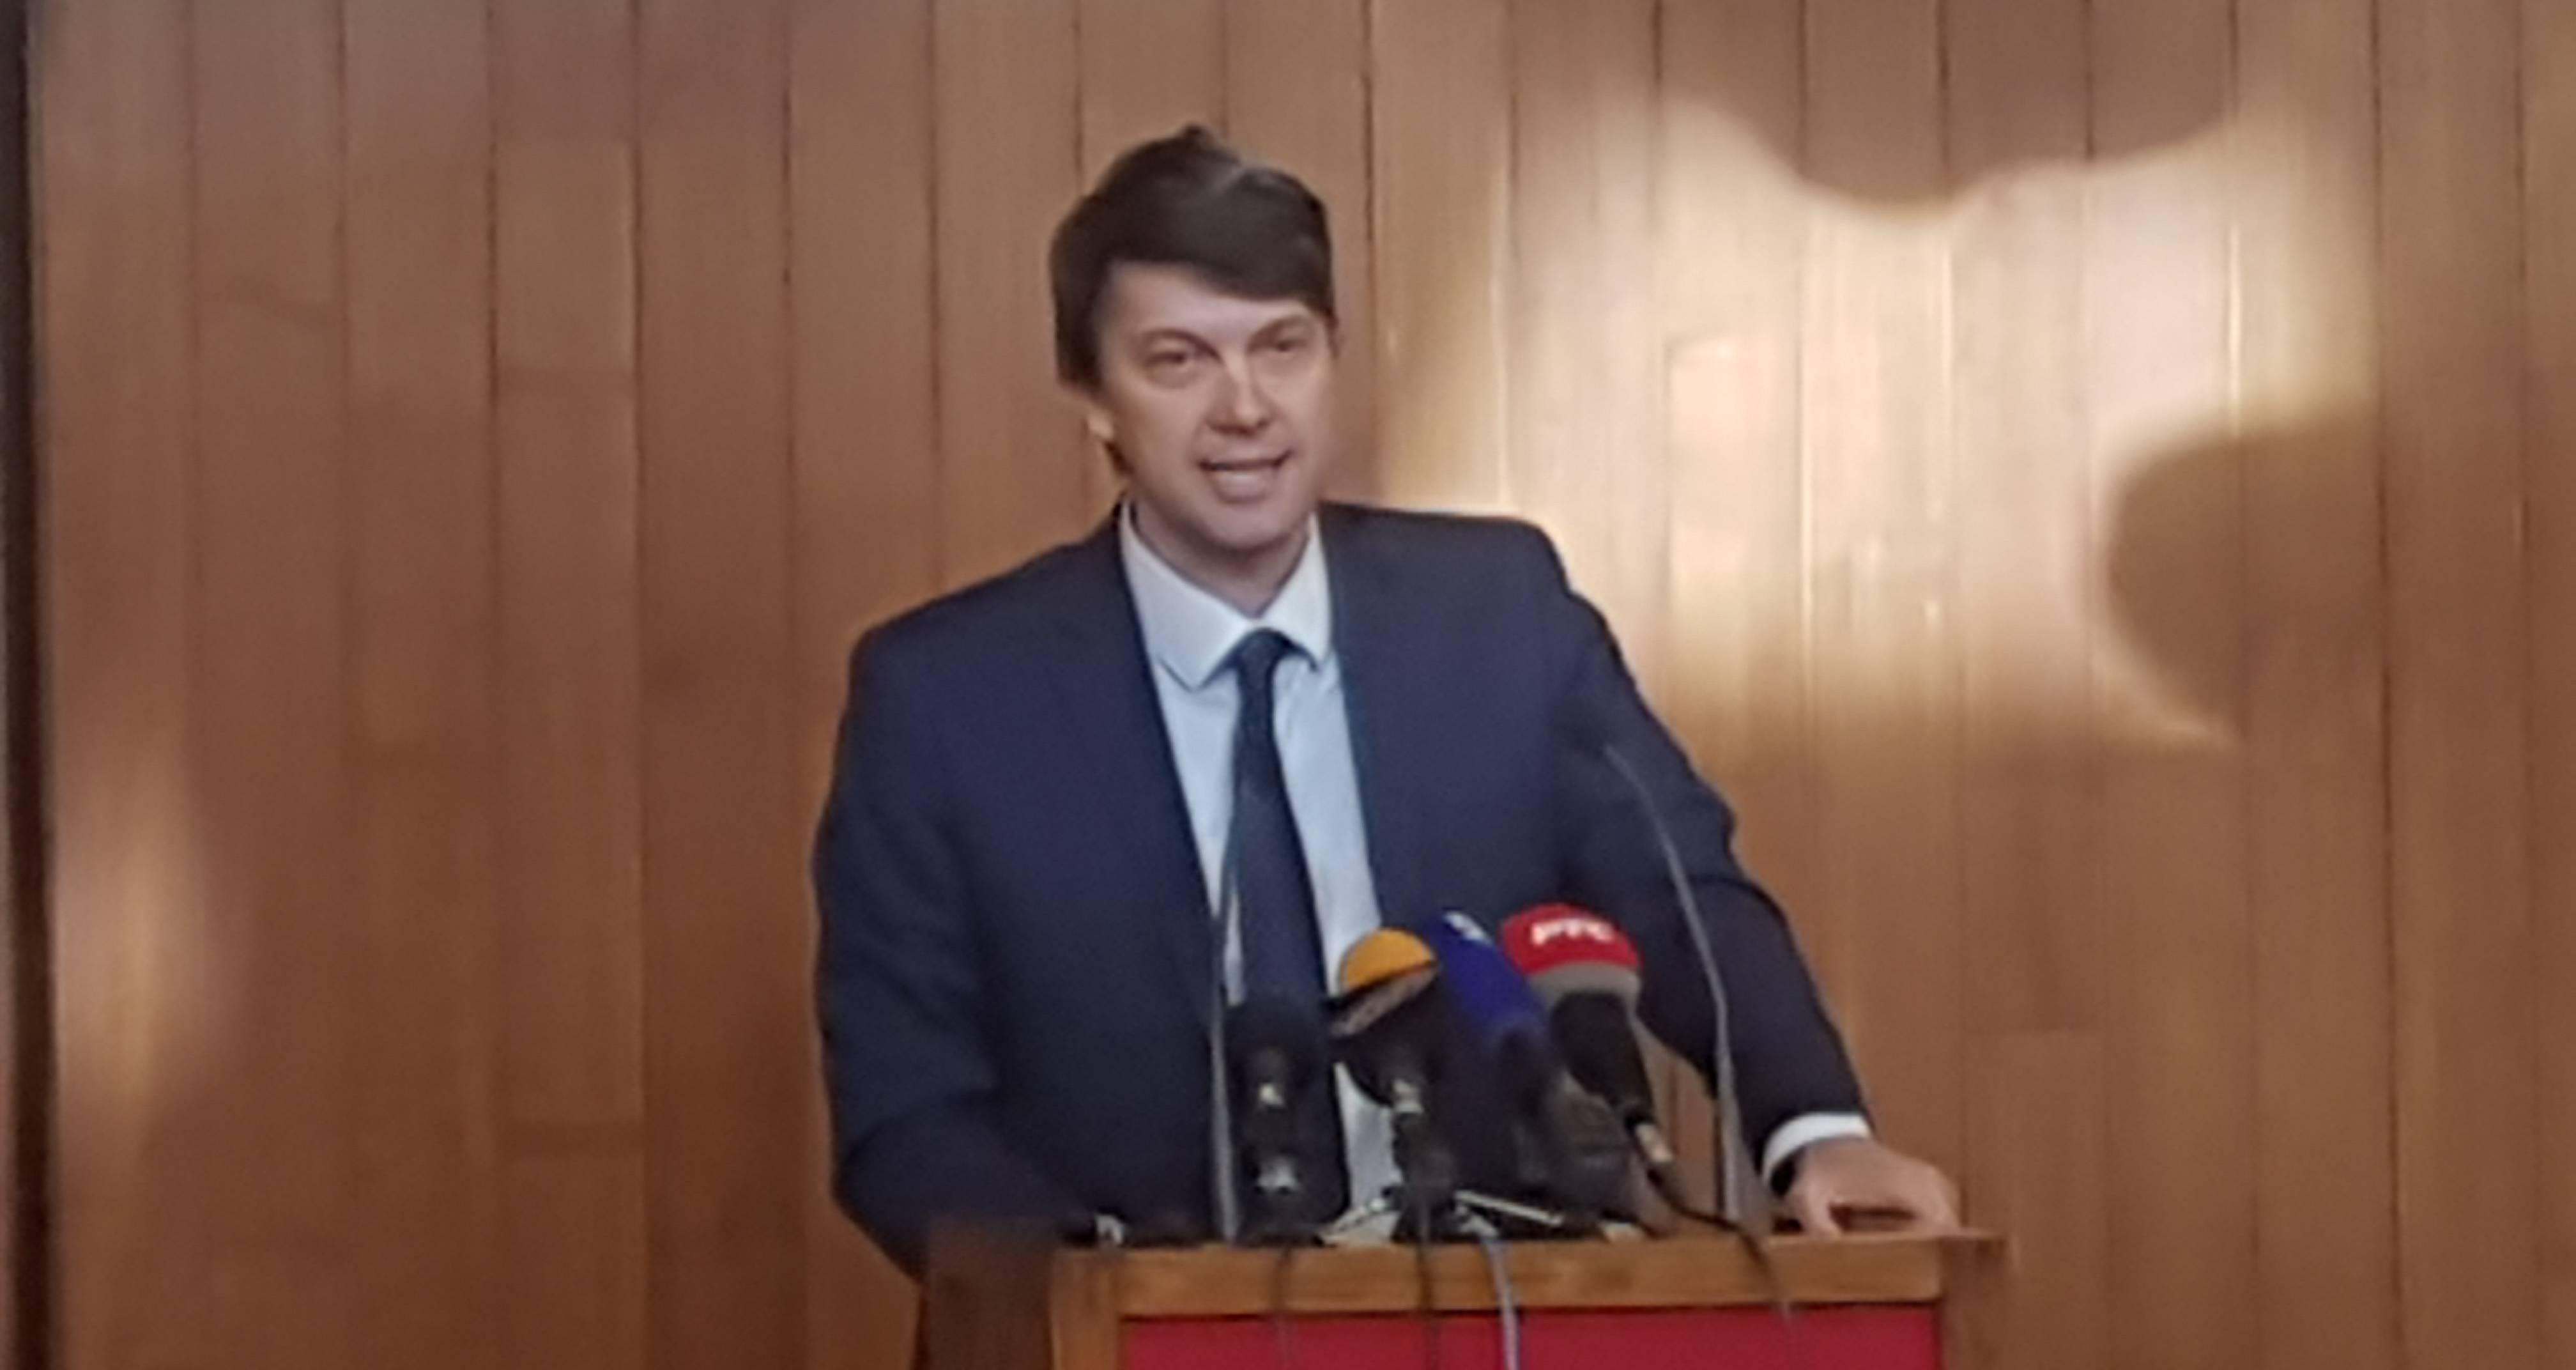 Јовановић: Дијана Хркаловић унизила и злоупотребила српску полицију